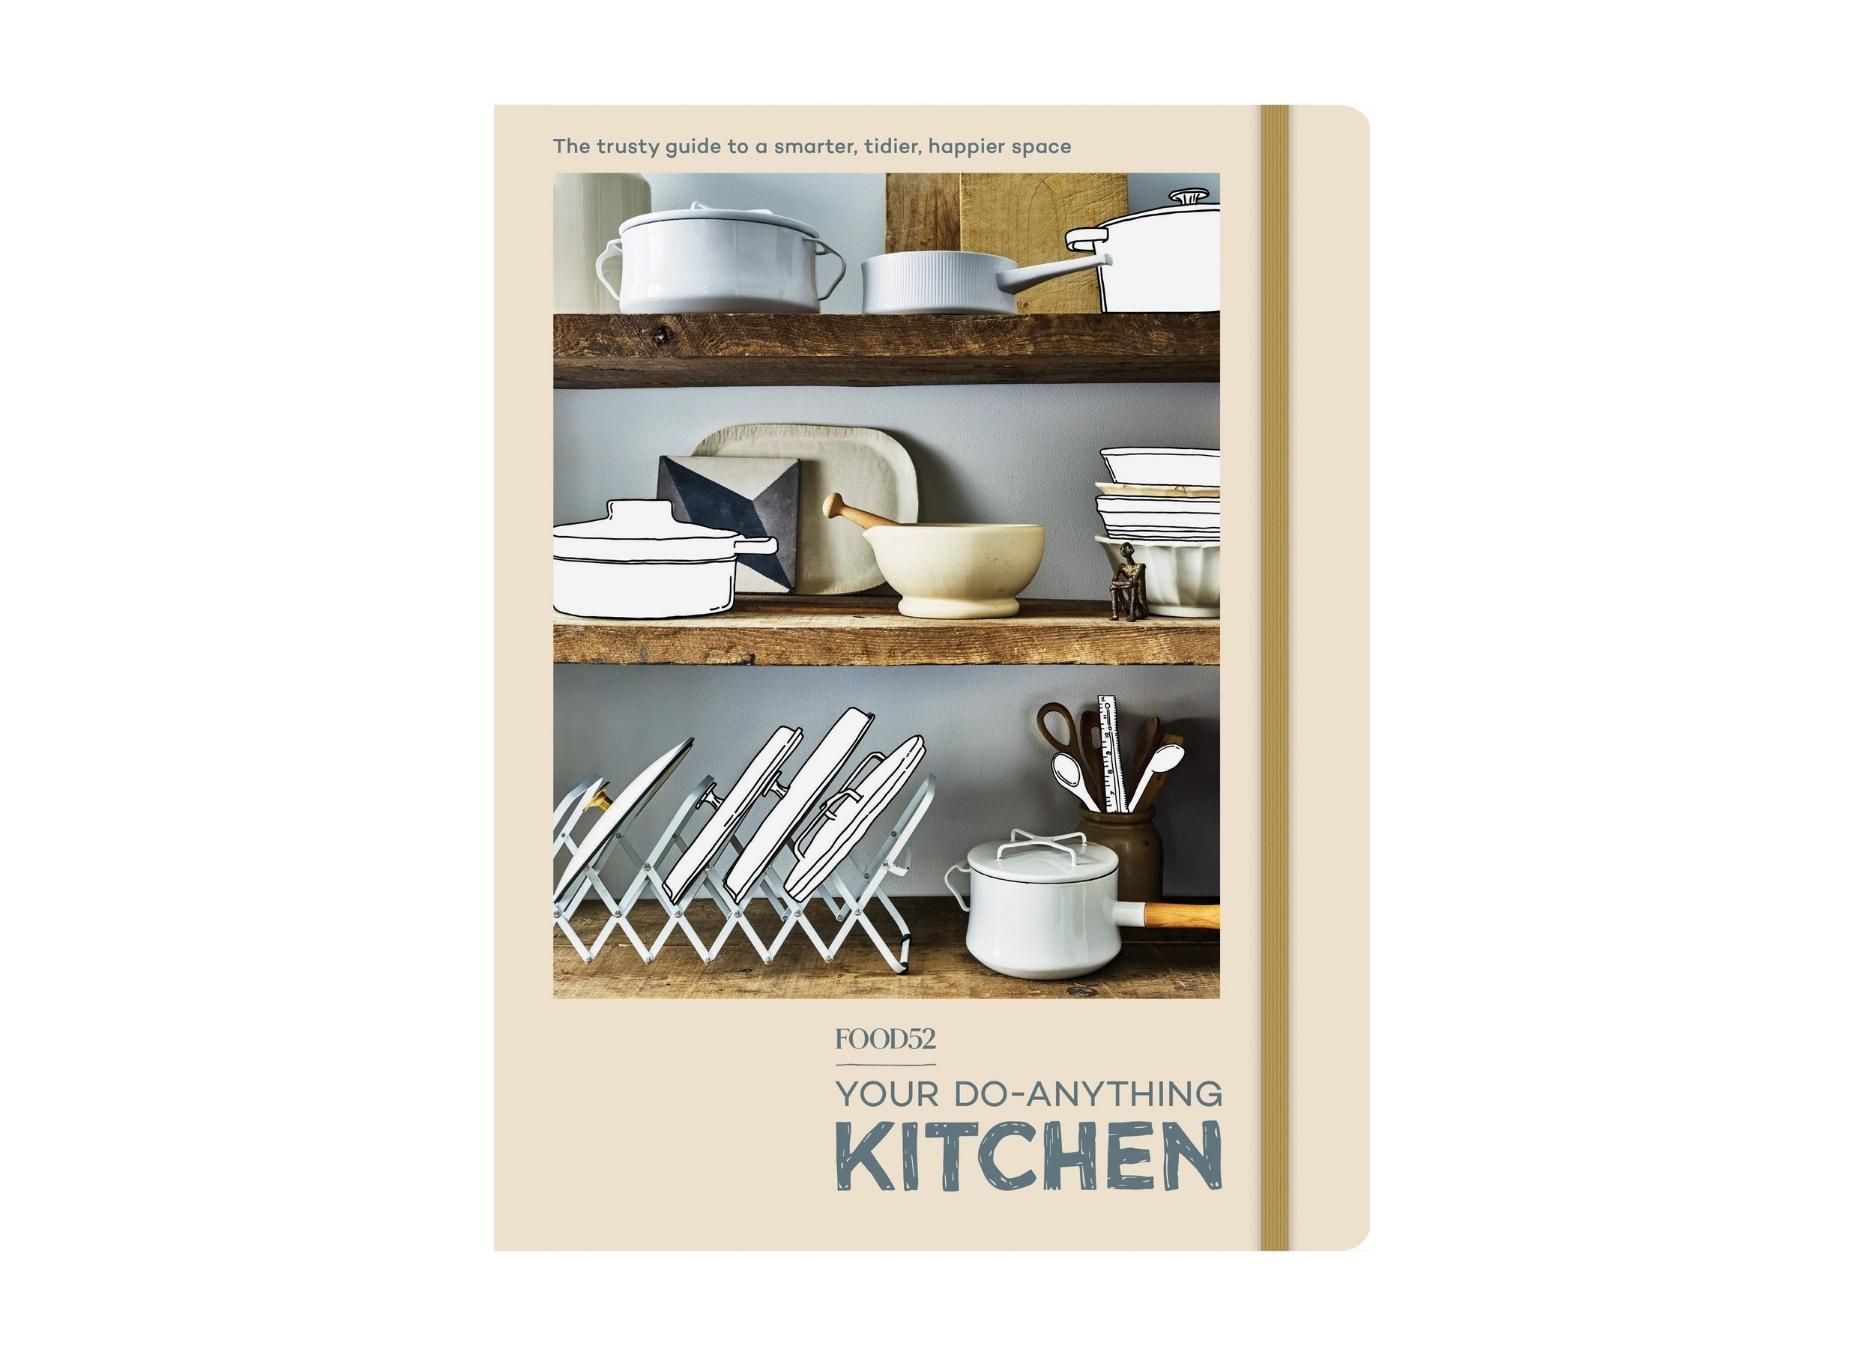 Food 52 Cookbook